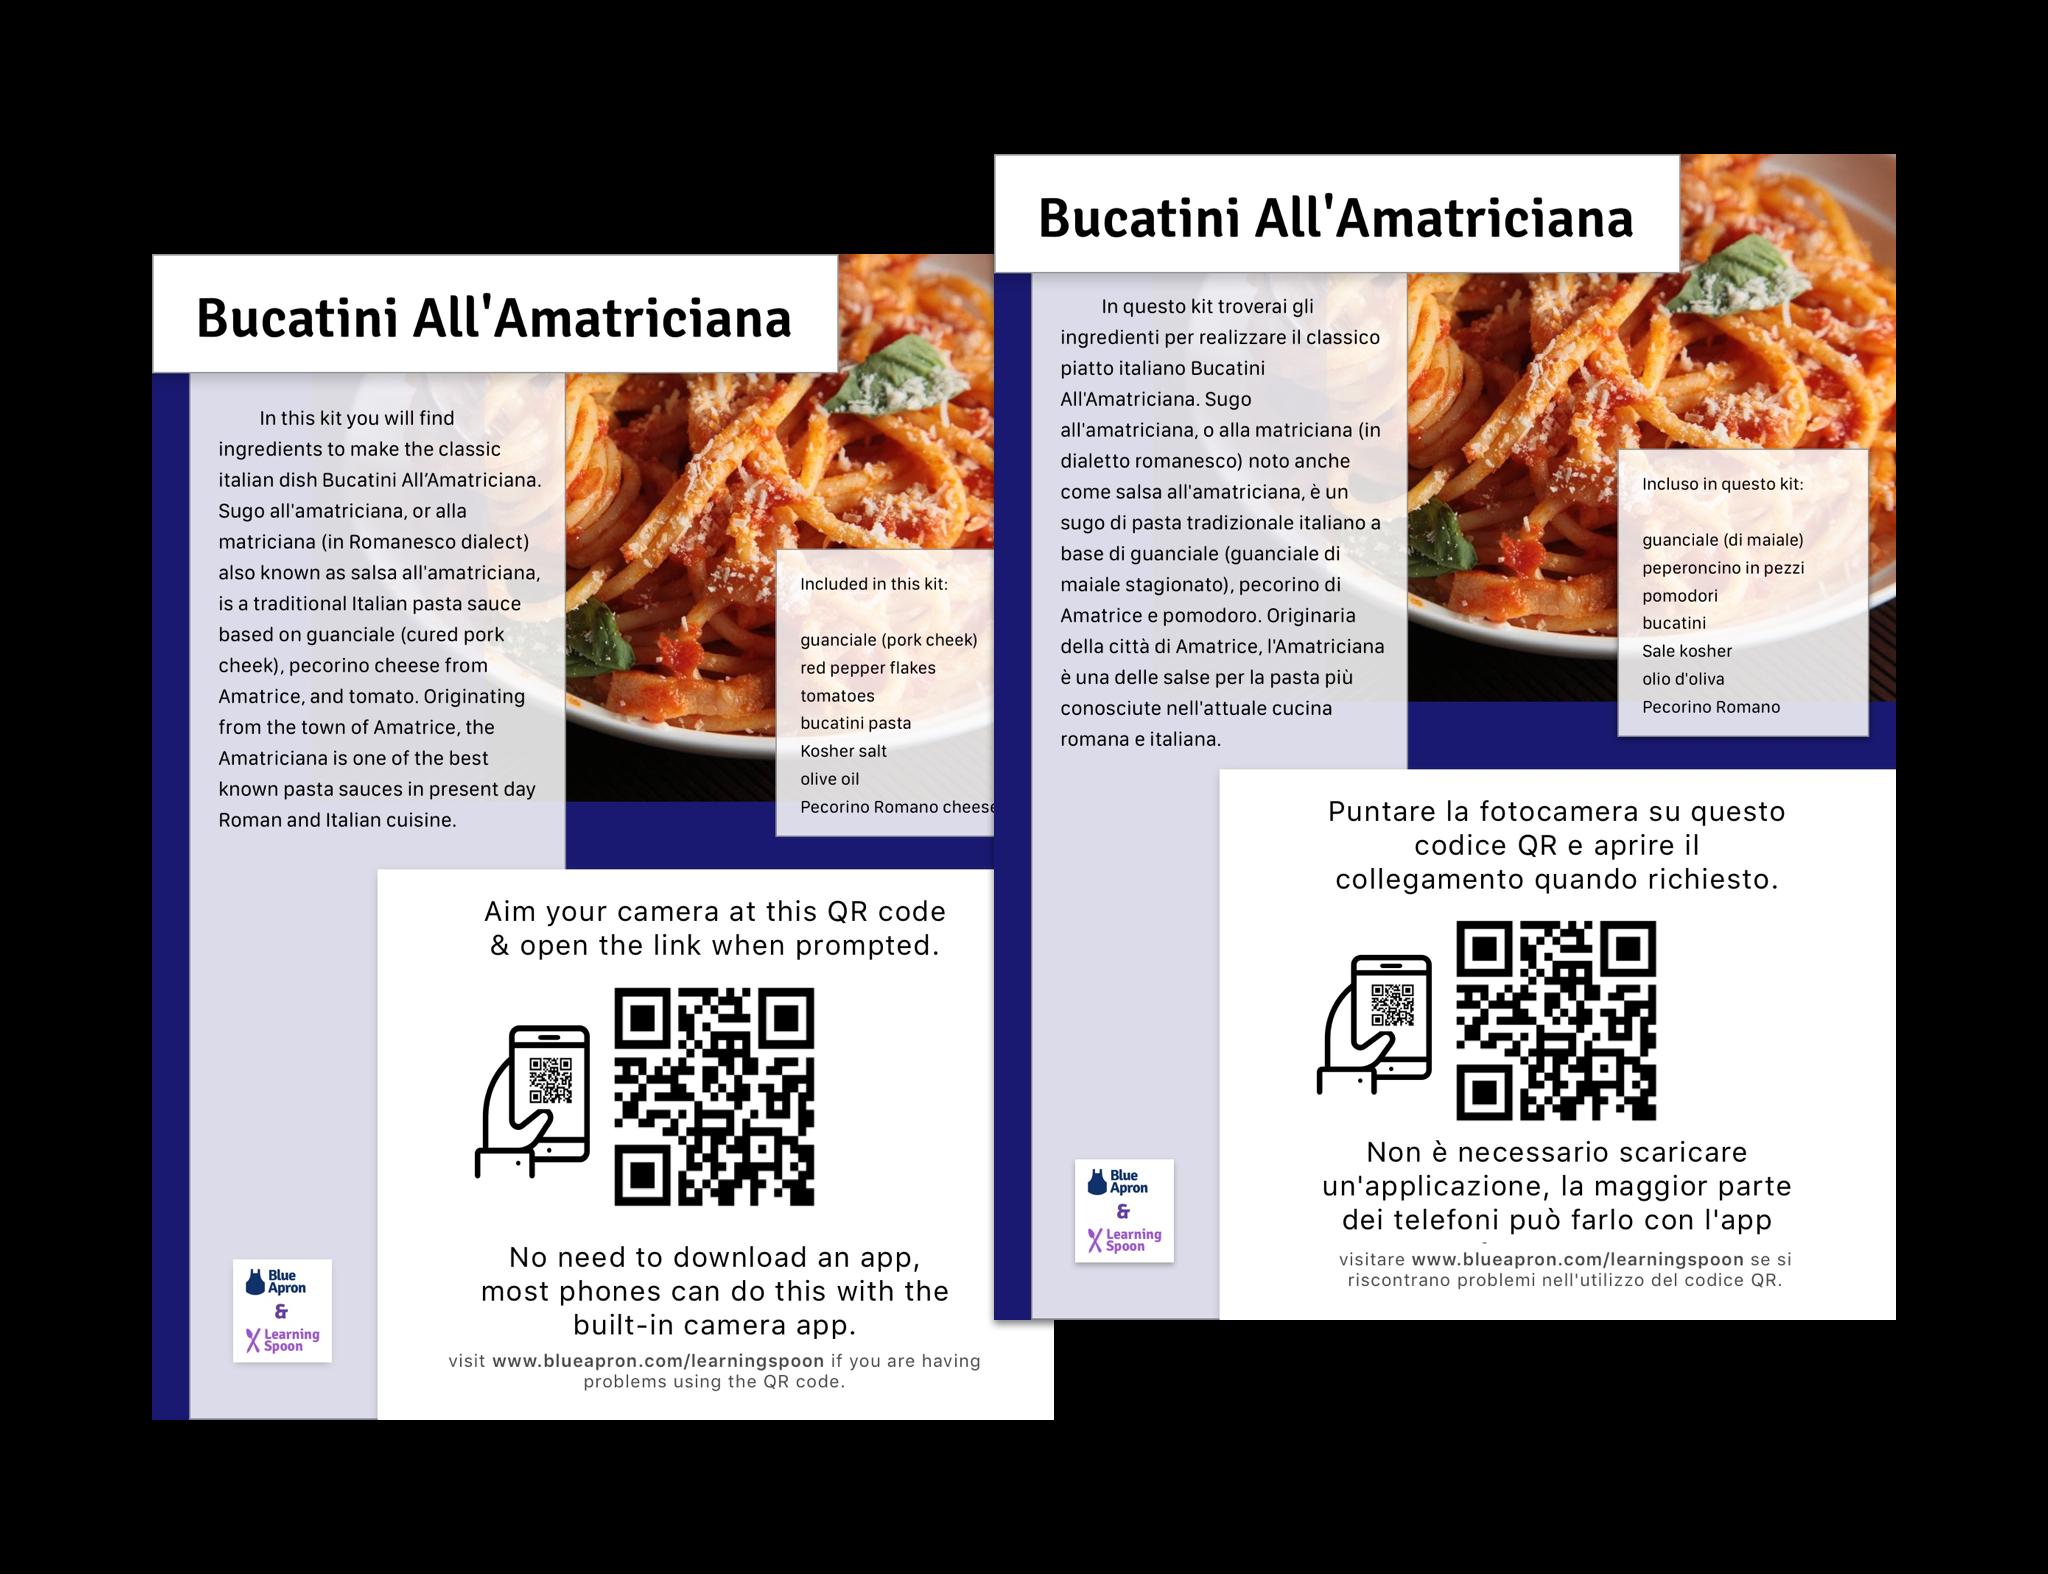 recipe card in English and Italian